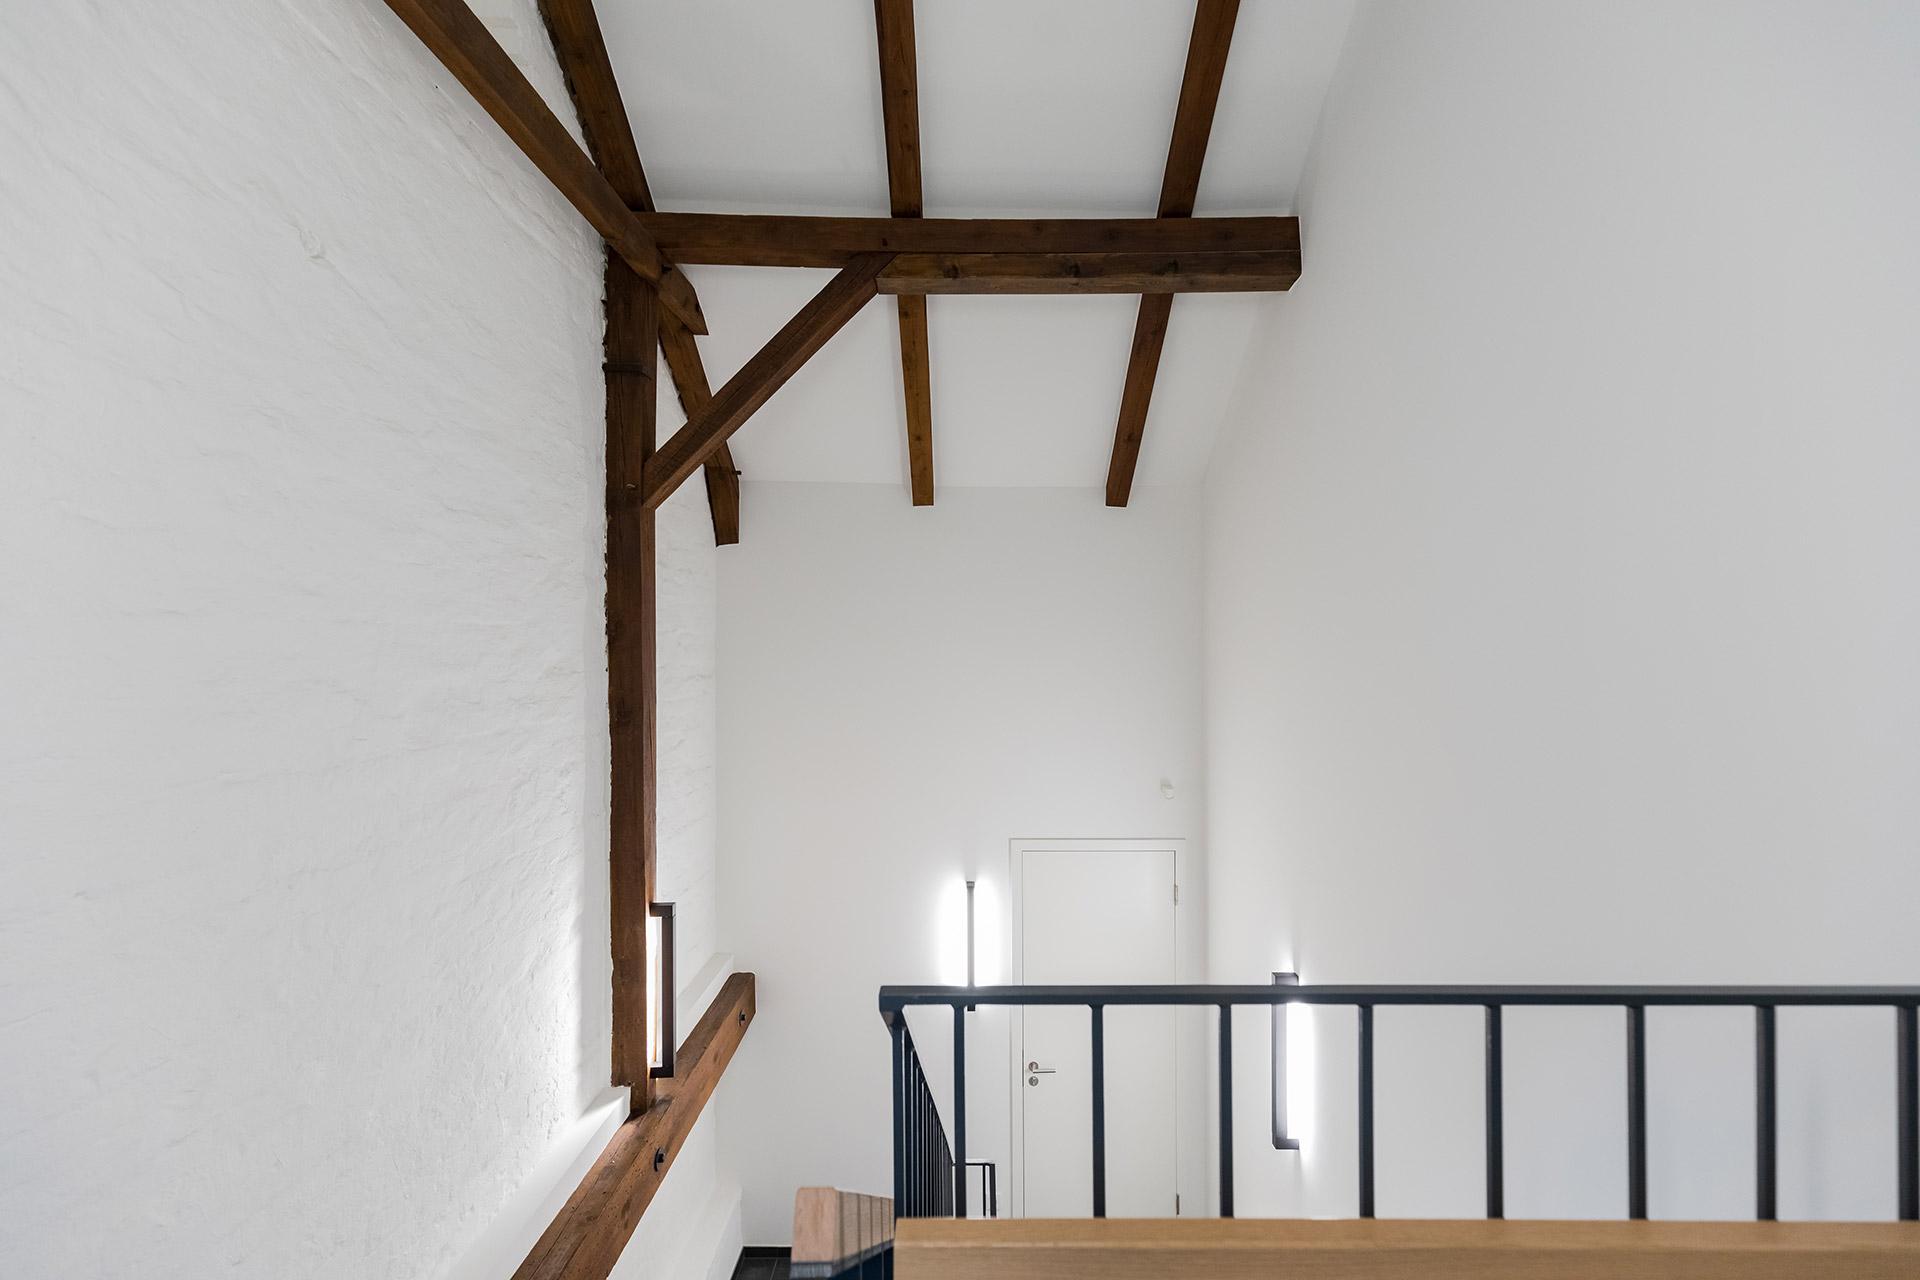 20191024_Park48_Architekten_Wulff-Thaysen_Ratzeburg_00000000080